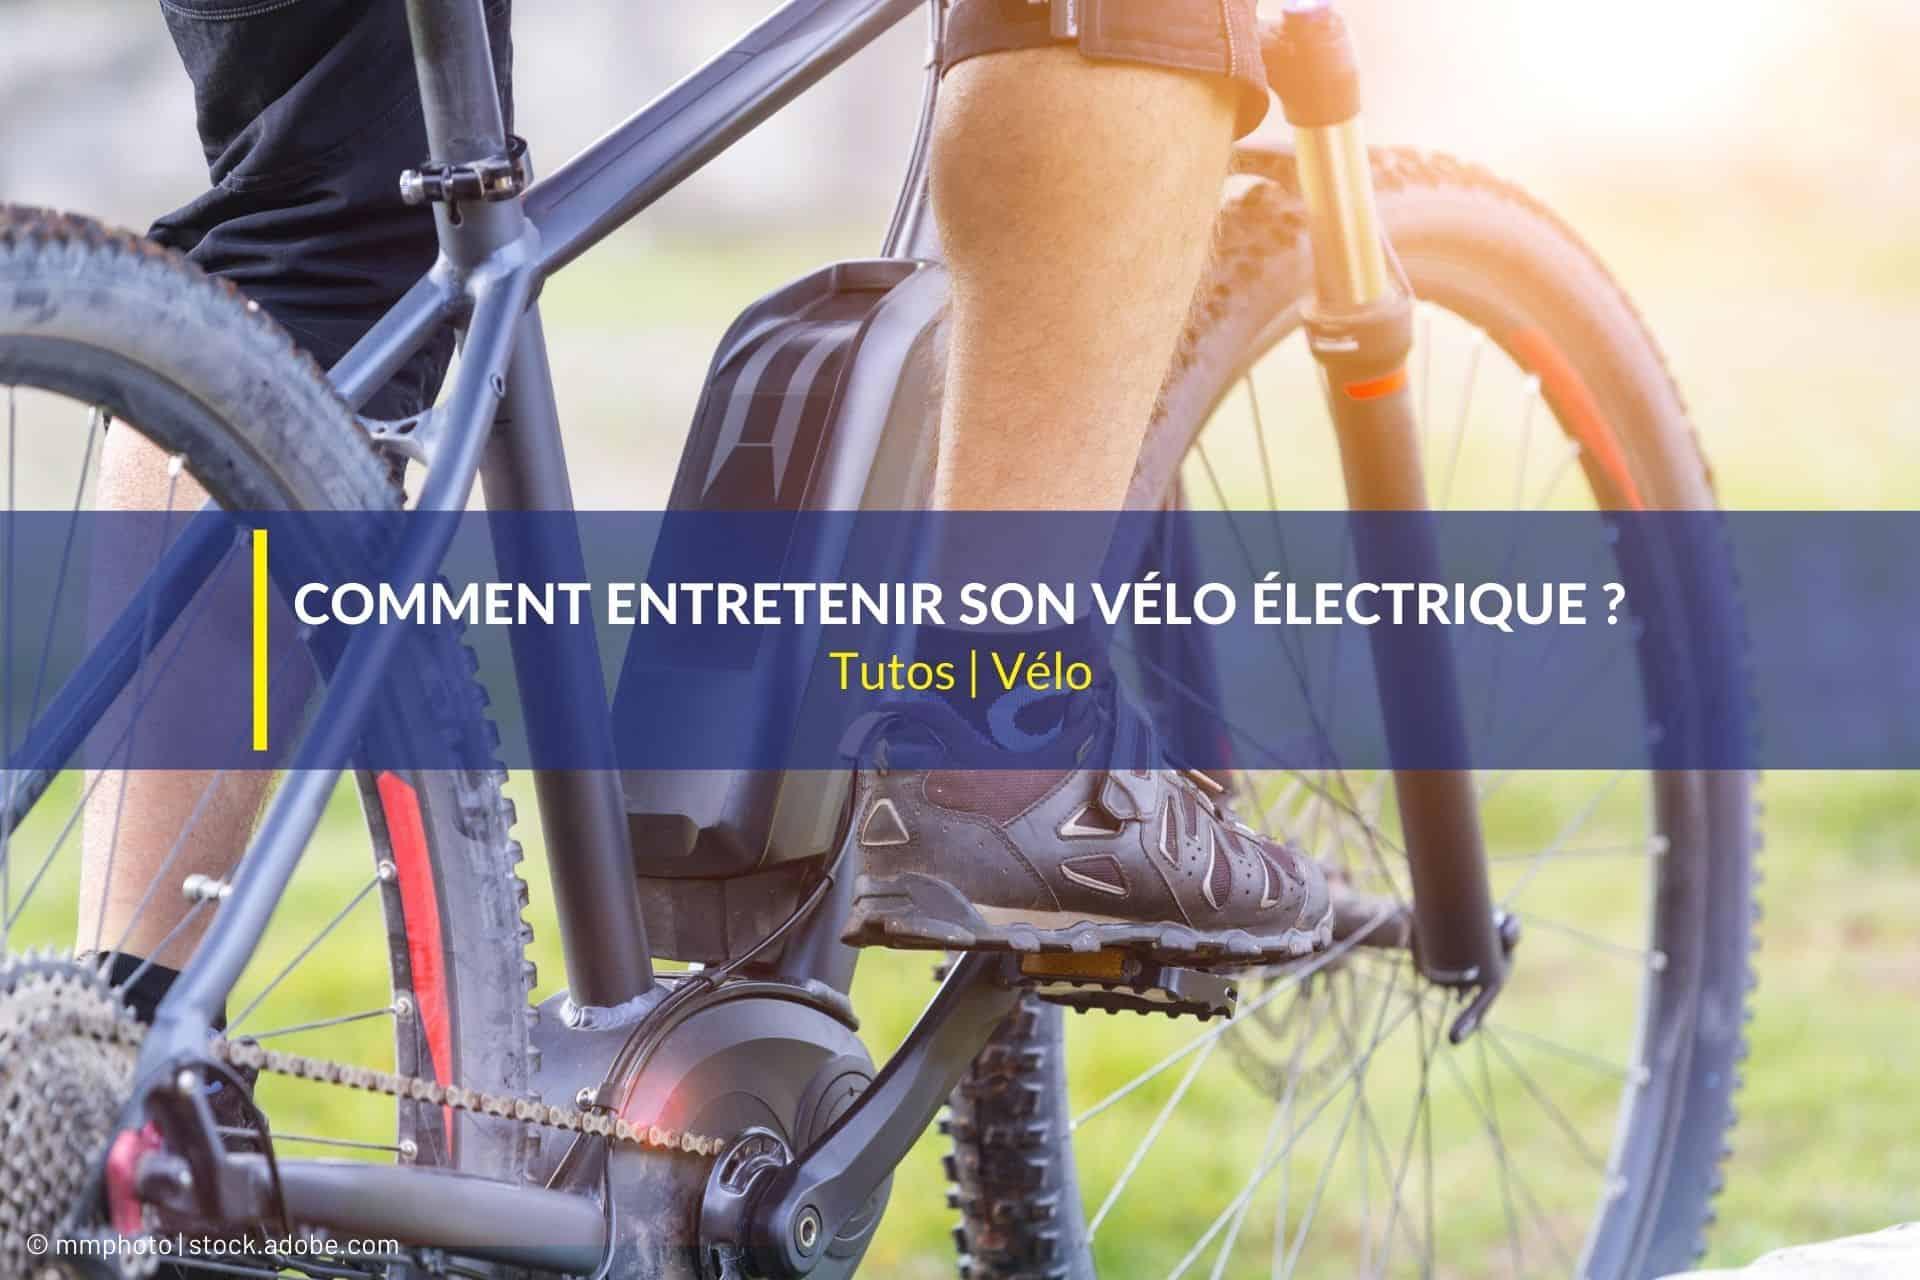 comment entretenir vélo électrique